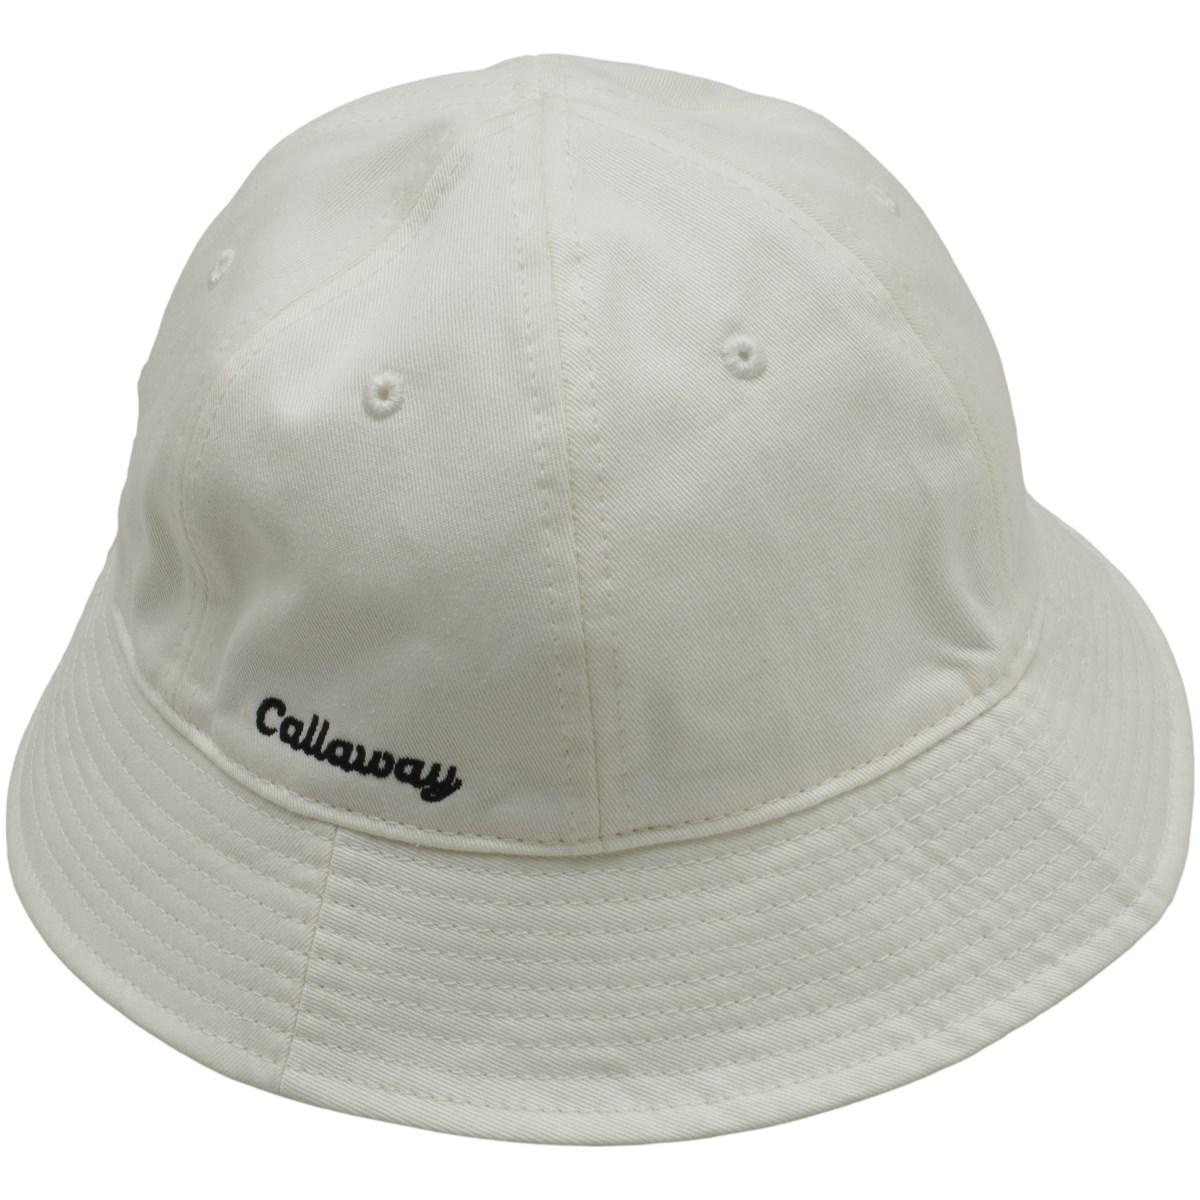 キャロウェイゴルフ Callaway Golf ベルハット フリー ホワイト 030 レディス